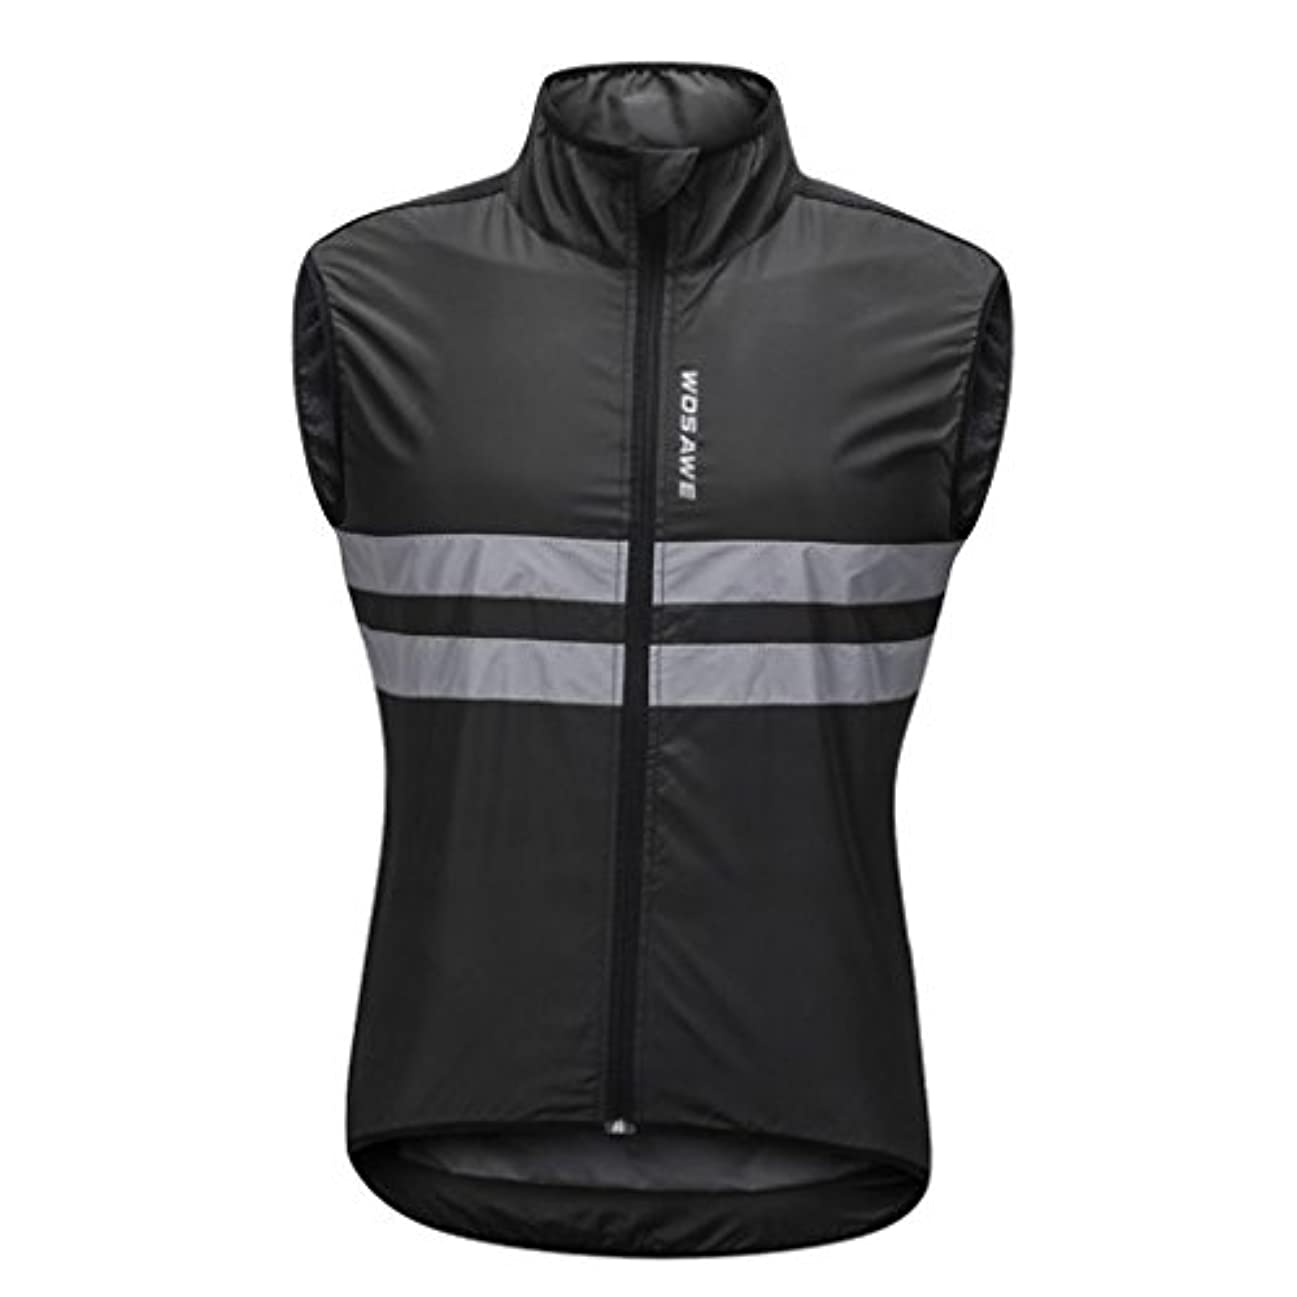 スカーフ惑星赤字Homyl リフレクティブ バイク サイクリング ノースリーブ 防風ベスト ランニング スポーツ コート 全5サイズ